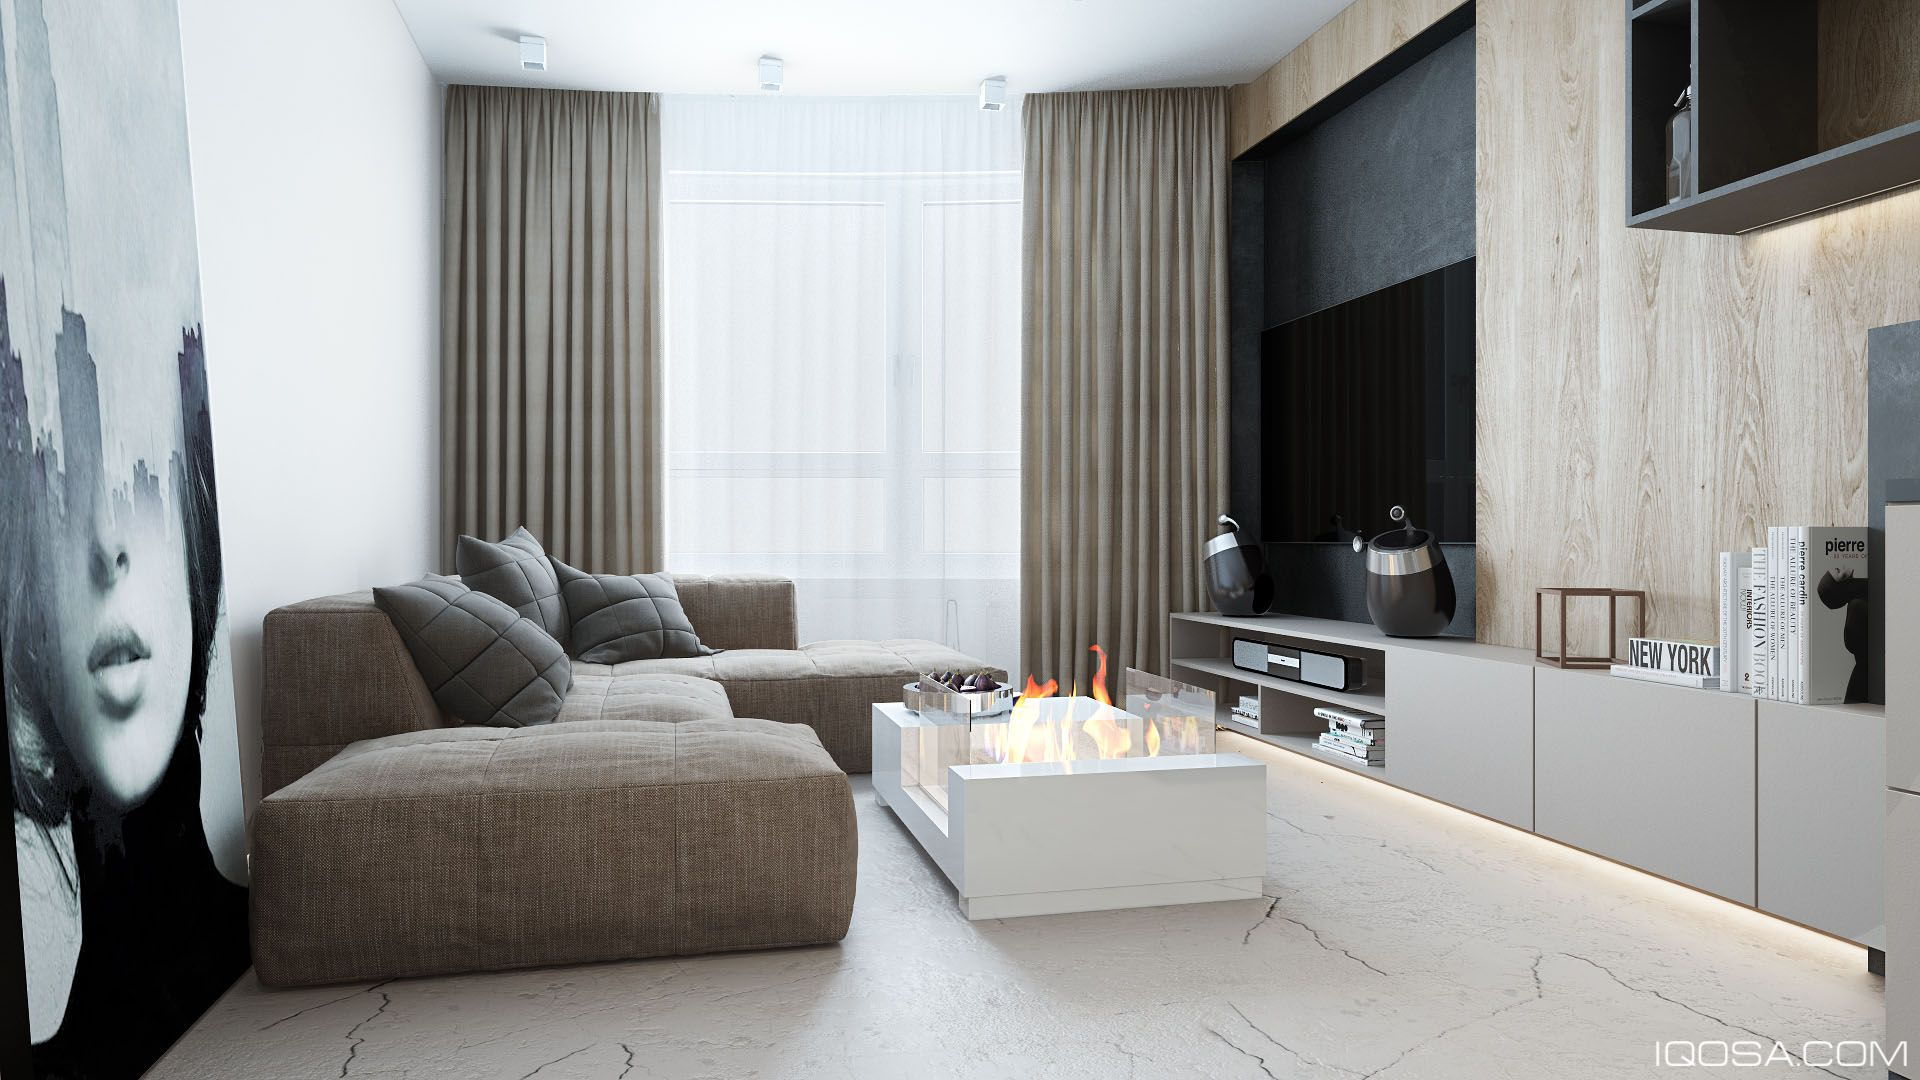 #iqosa #design #architect #architecture #interior #interiordesign